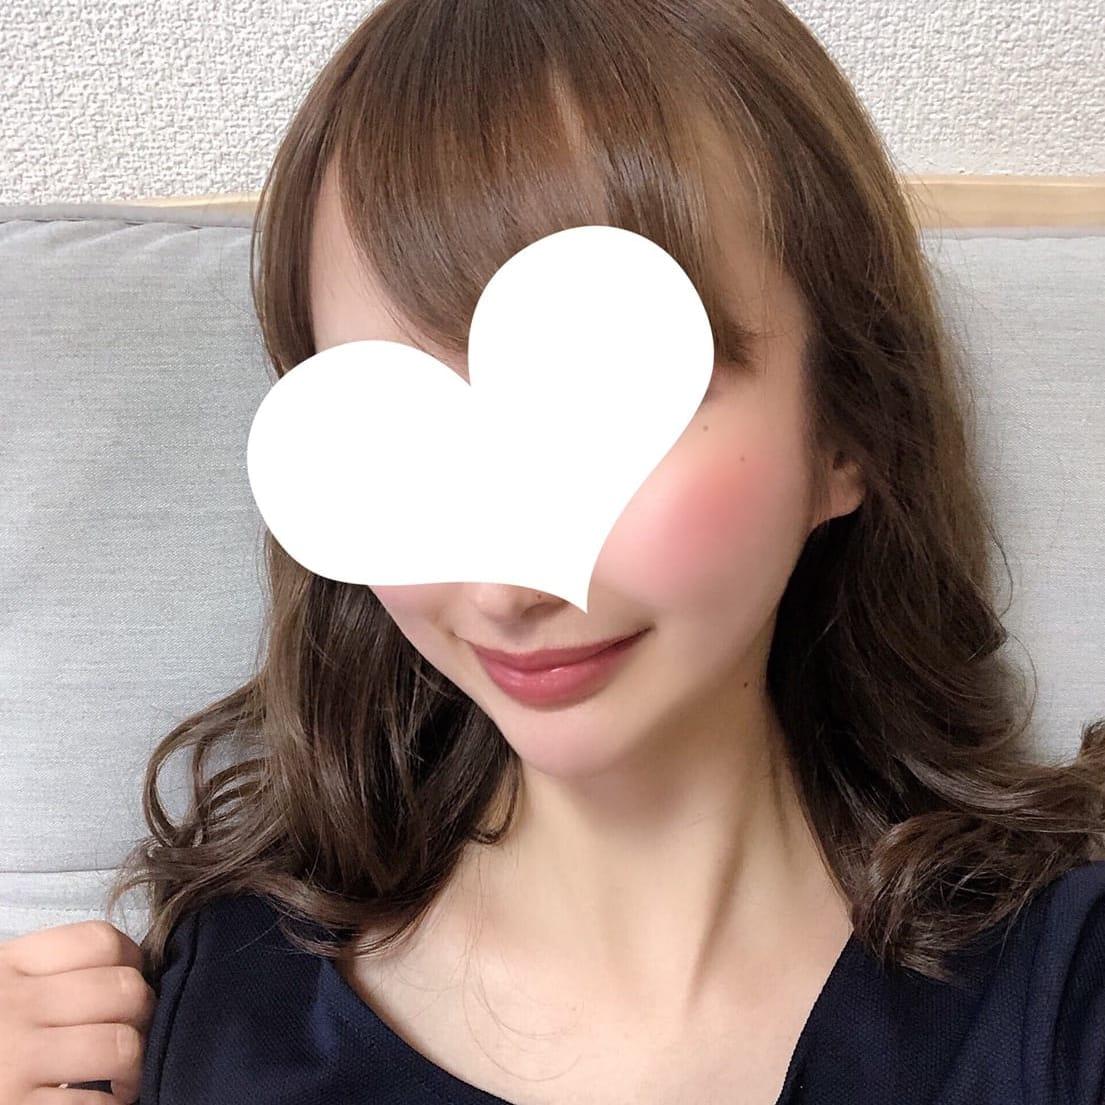 のぞみ|Medel Hearts~メデルハーツ~ - 福岡市・博多一般メンズエステ(店舗型)